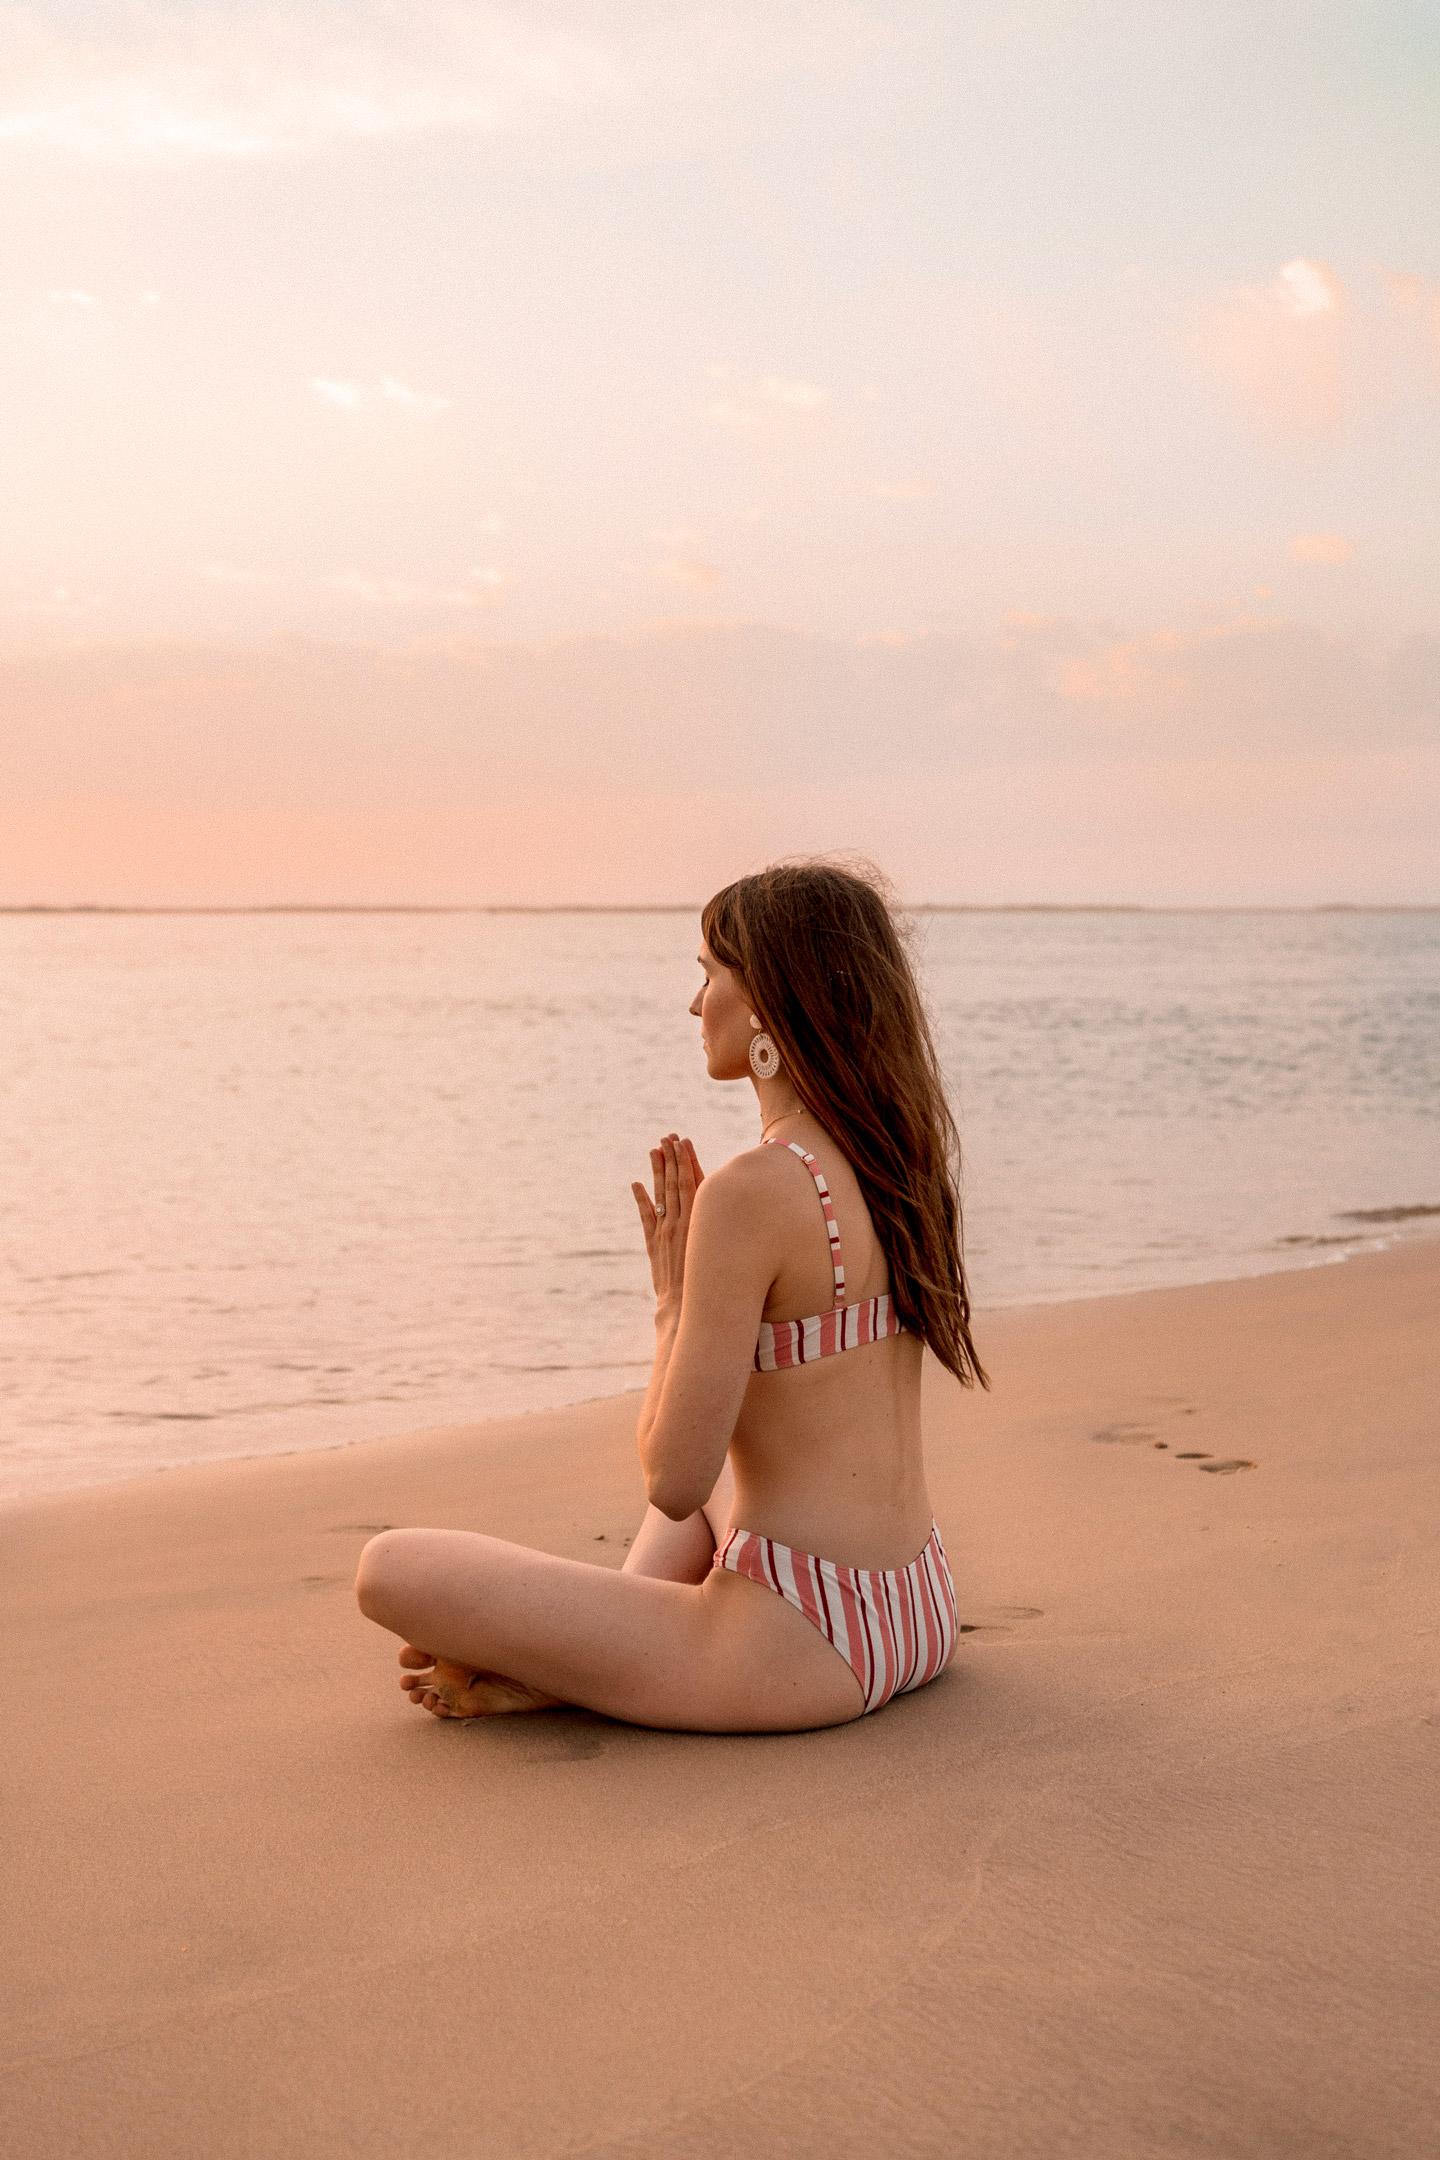 ce-que-j'ai-appris-en-3-ans-de-meditation-2-blog